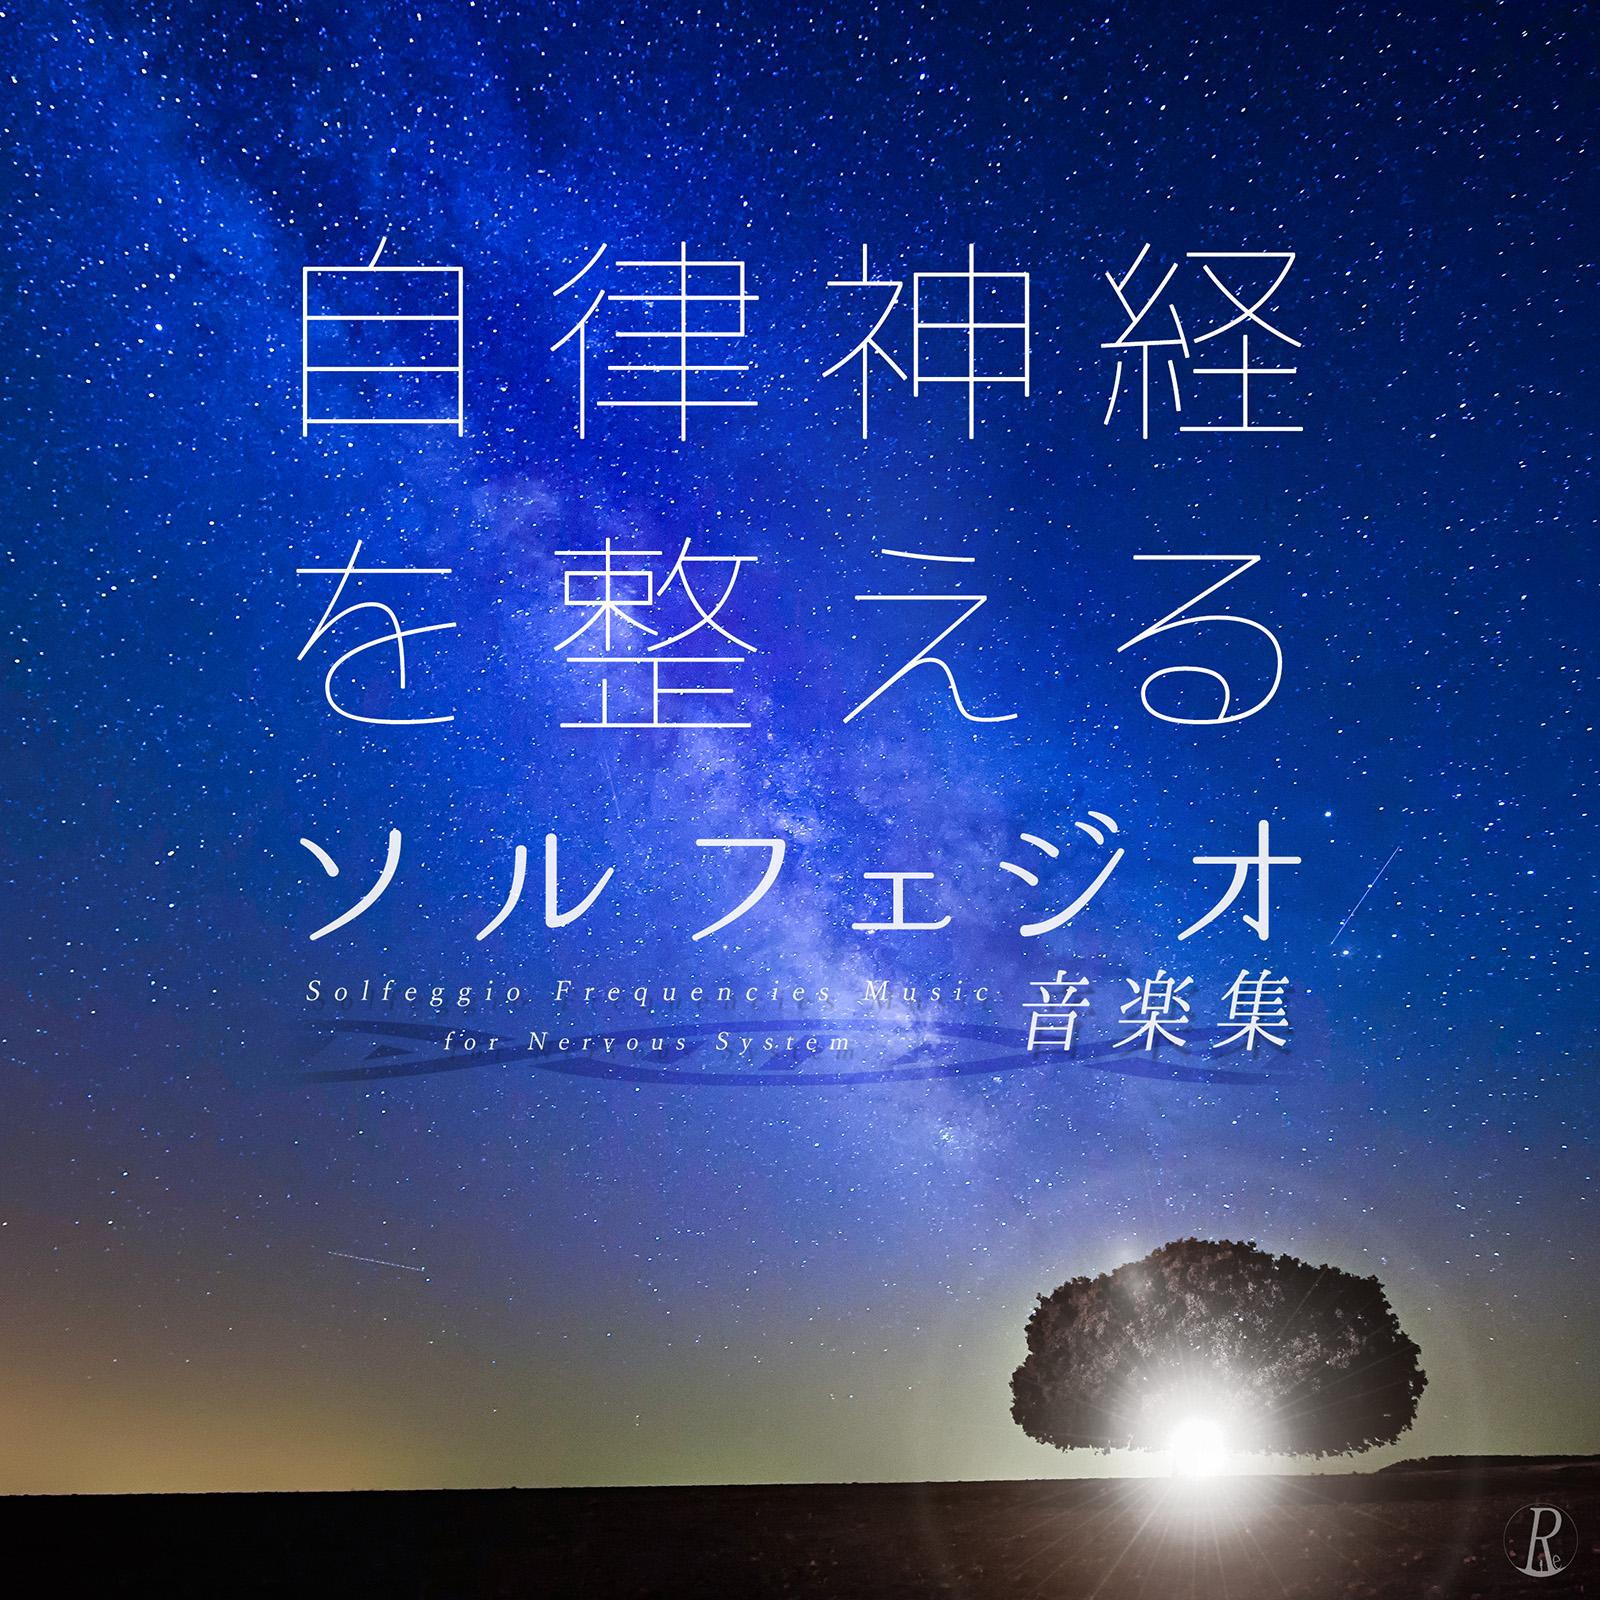 Relax Playlist feat. ソルフェジオ ラボ - 自律神経を整えるソルフェジオ音楽集